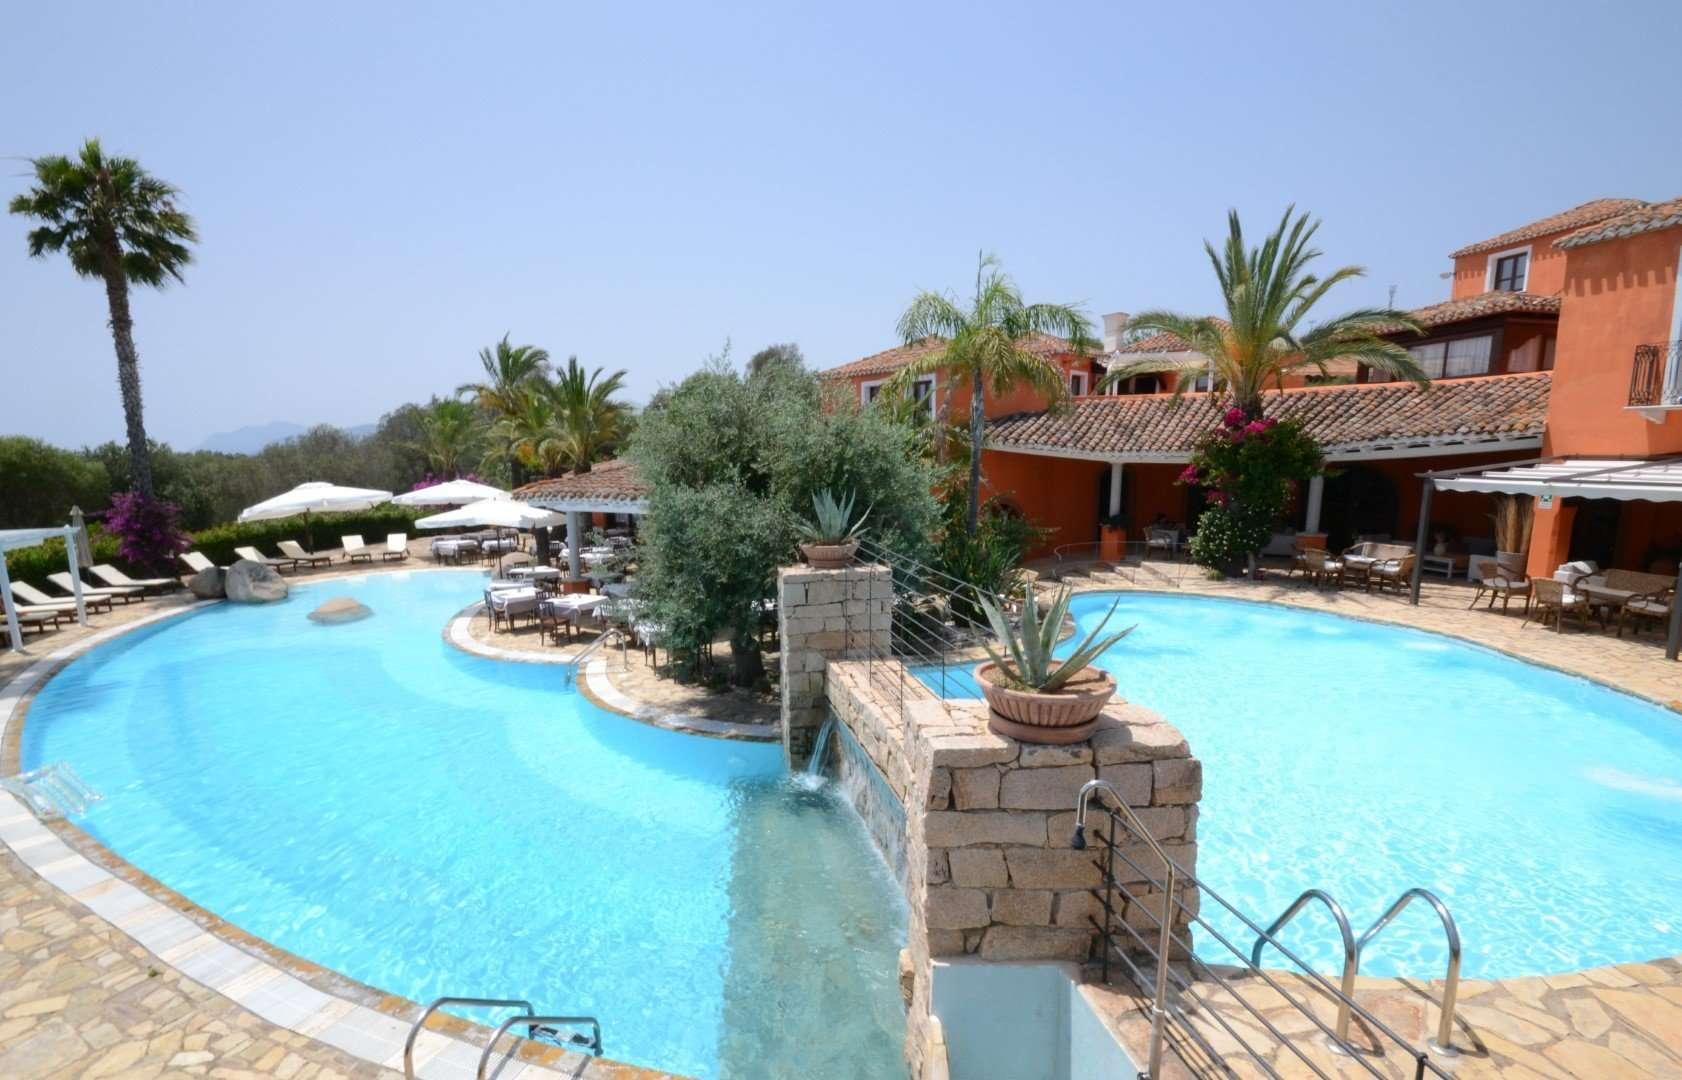 galanias hotel - sardinie - zwembad